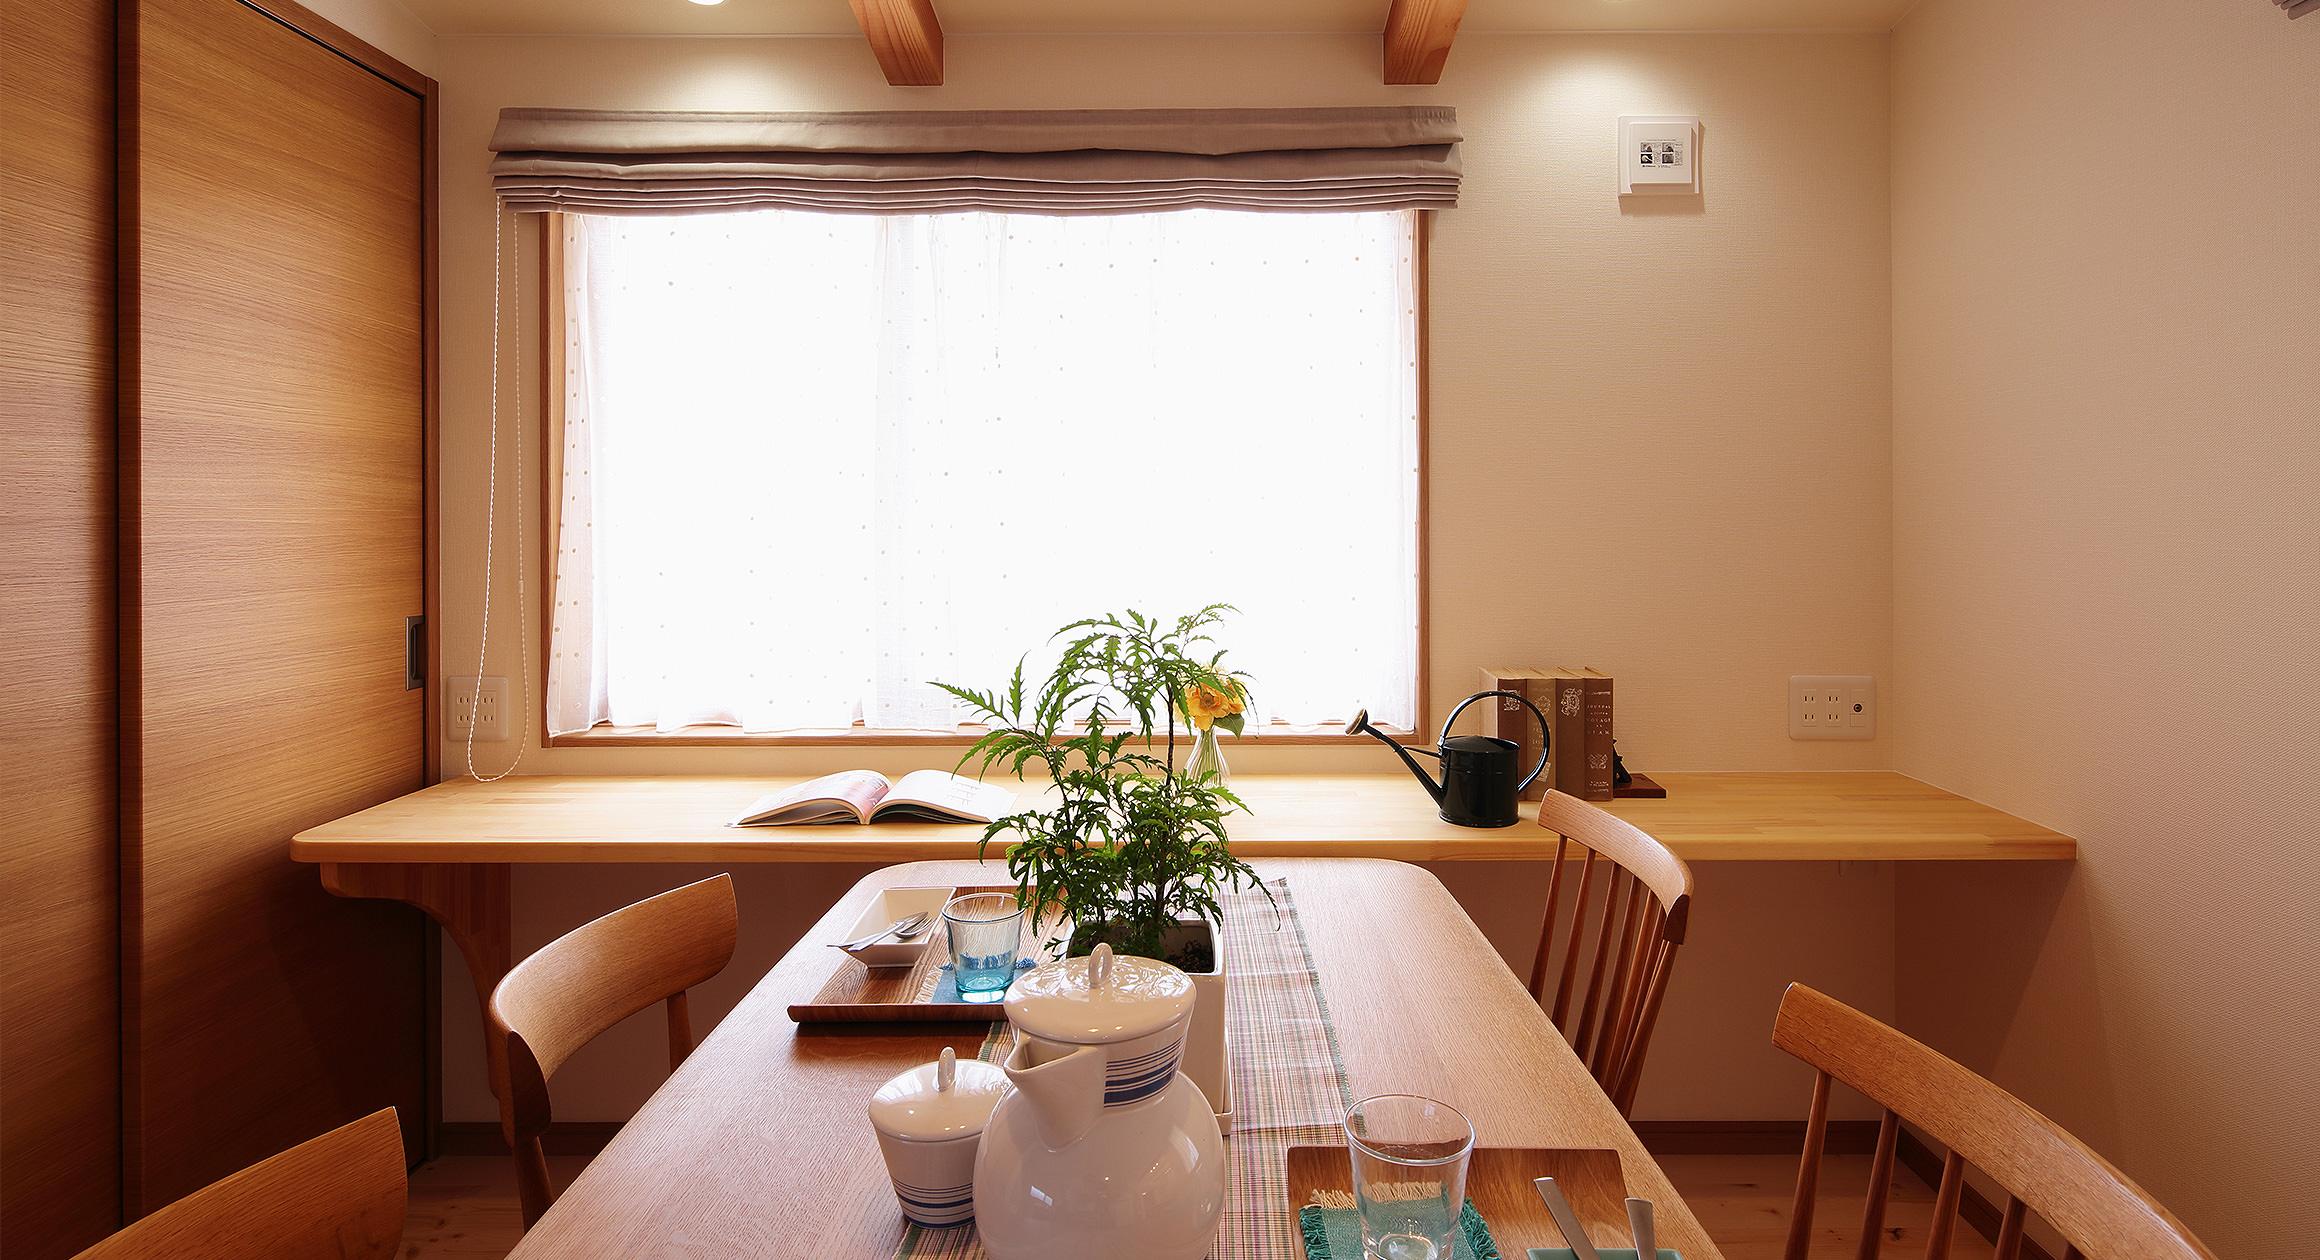 三友工務店の新築注文住宅 菊陽町M様邸